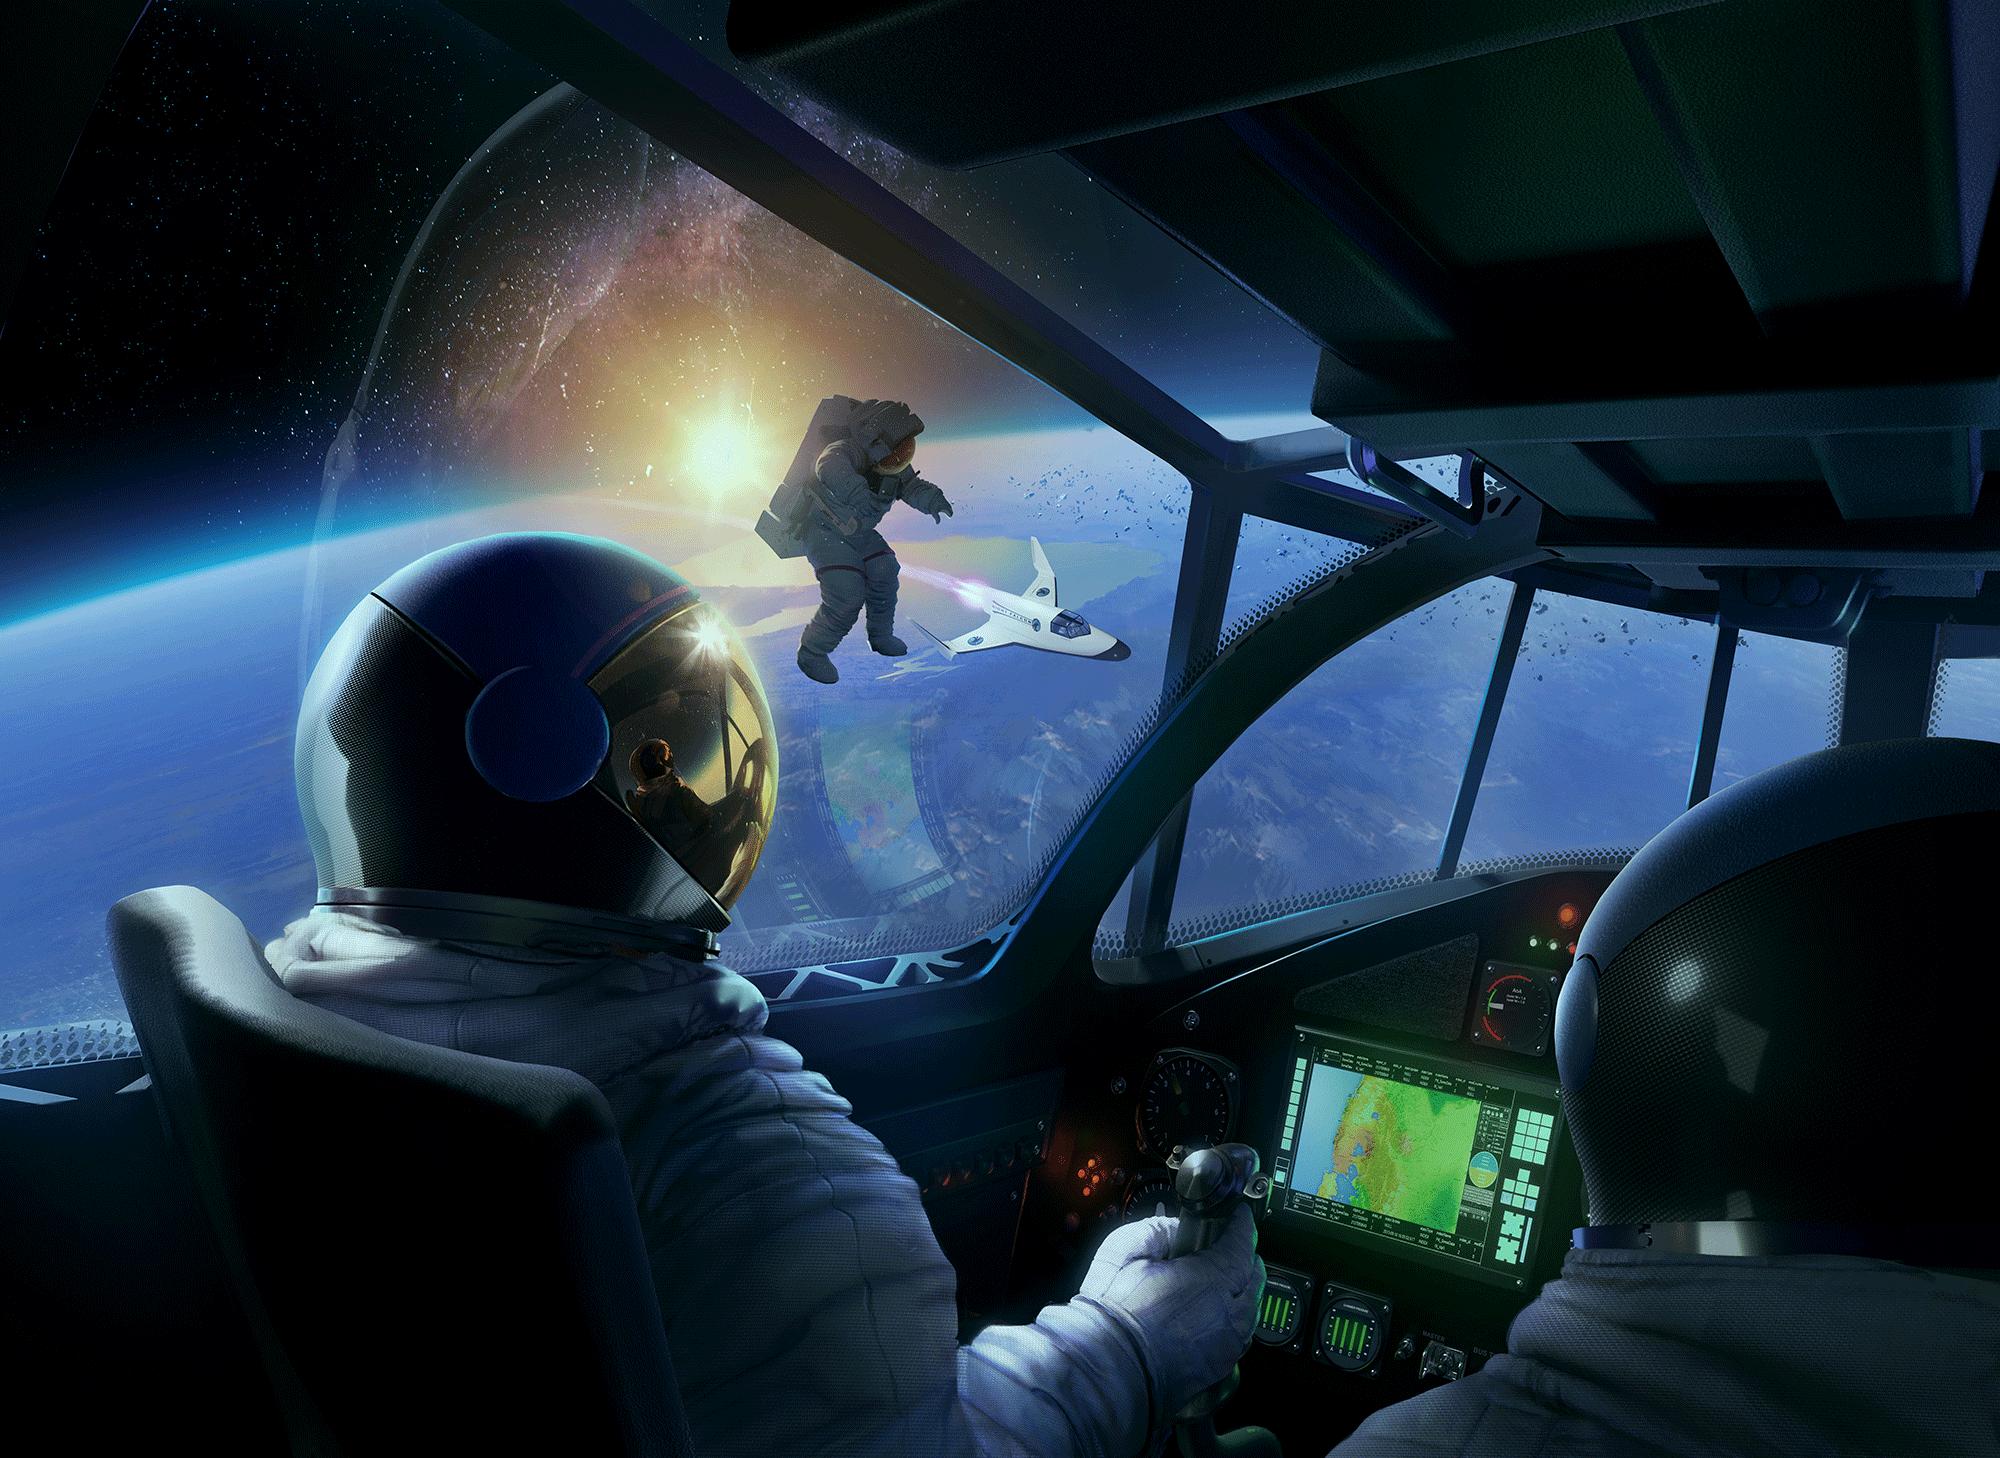 SpaceFlight_KeyArt_LR.png